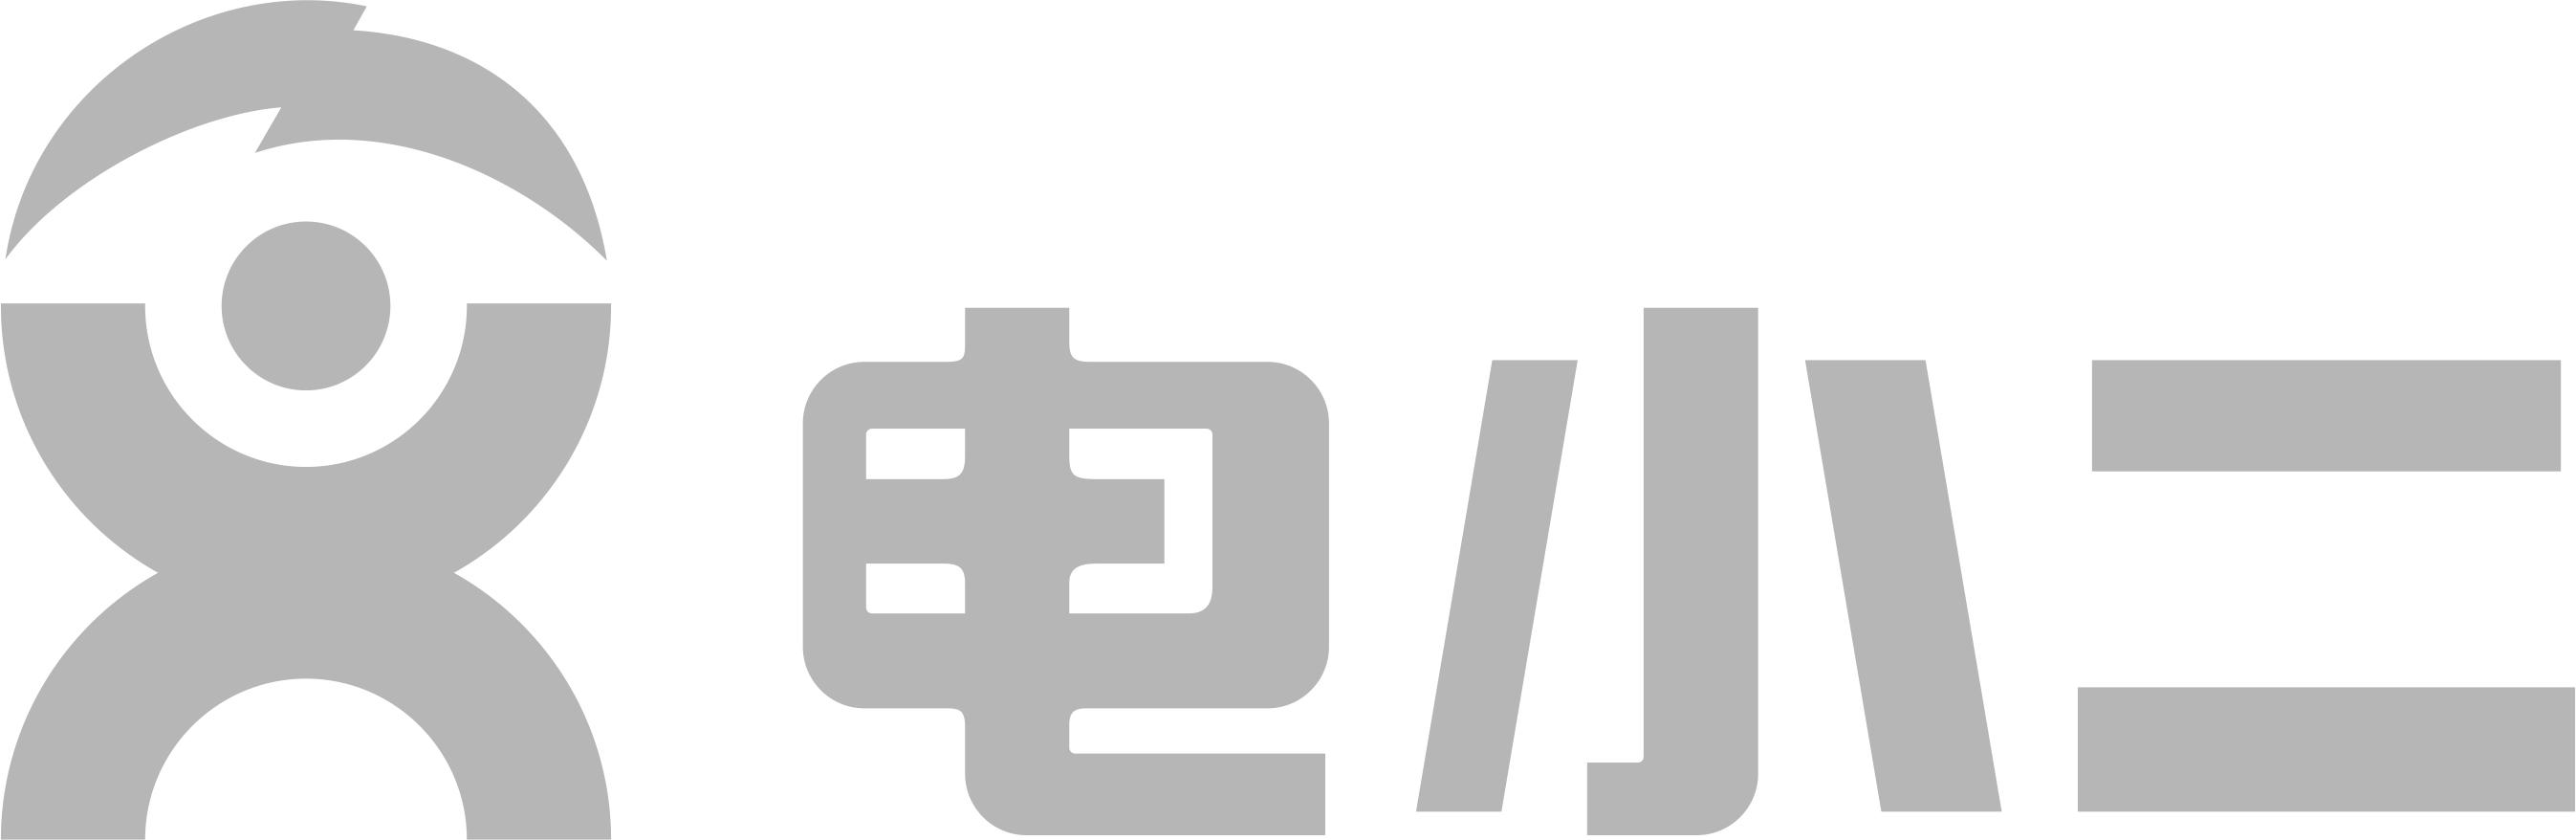 电小二锋6:2019年度移动电源工业设计奖推选产品